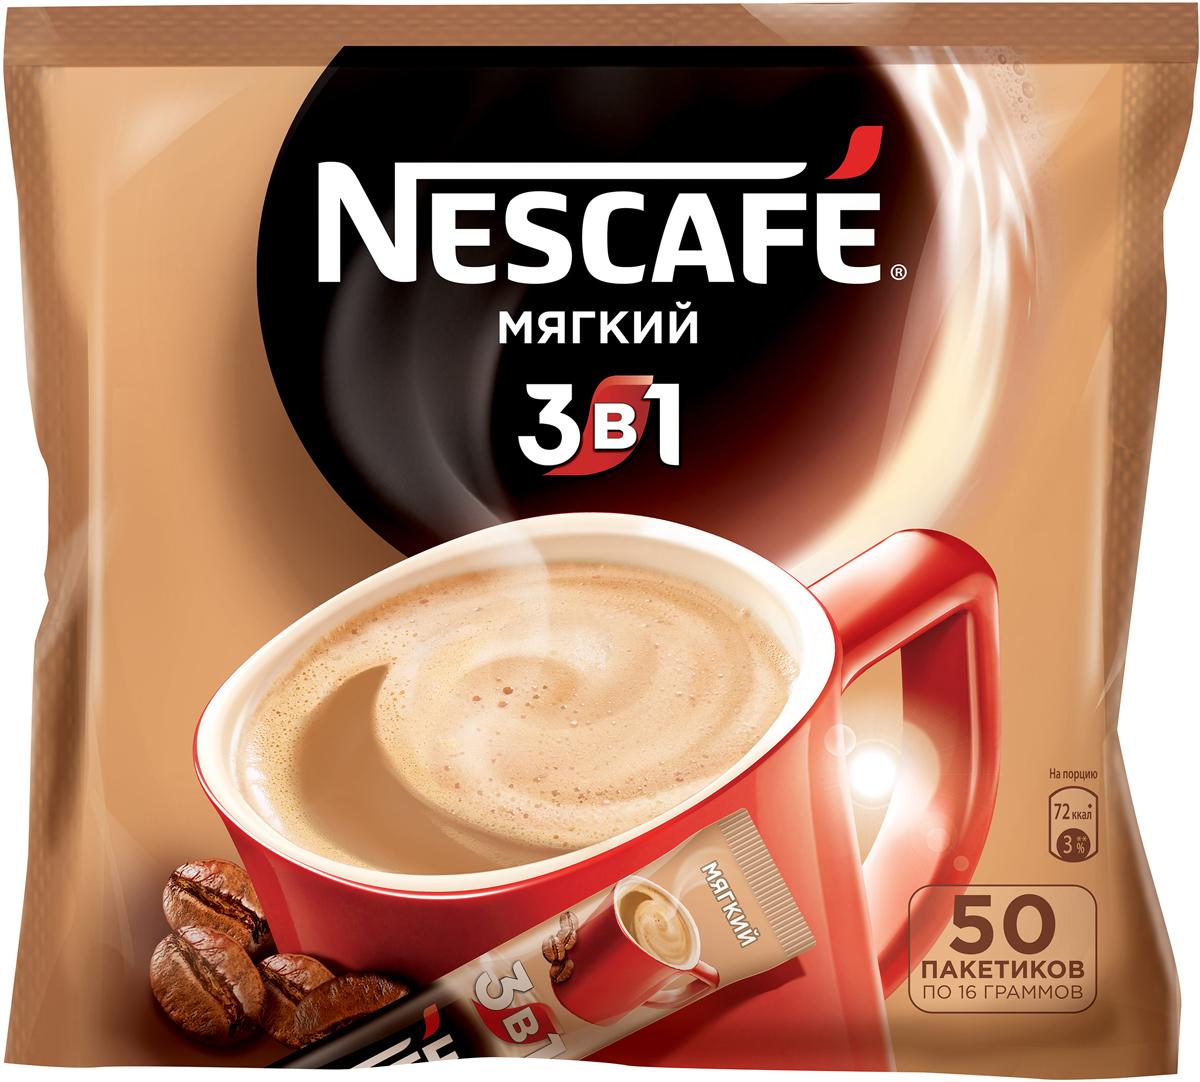 Фото Nescafe 3 в 1 Мягкий кофе растворимый, 50 шт